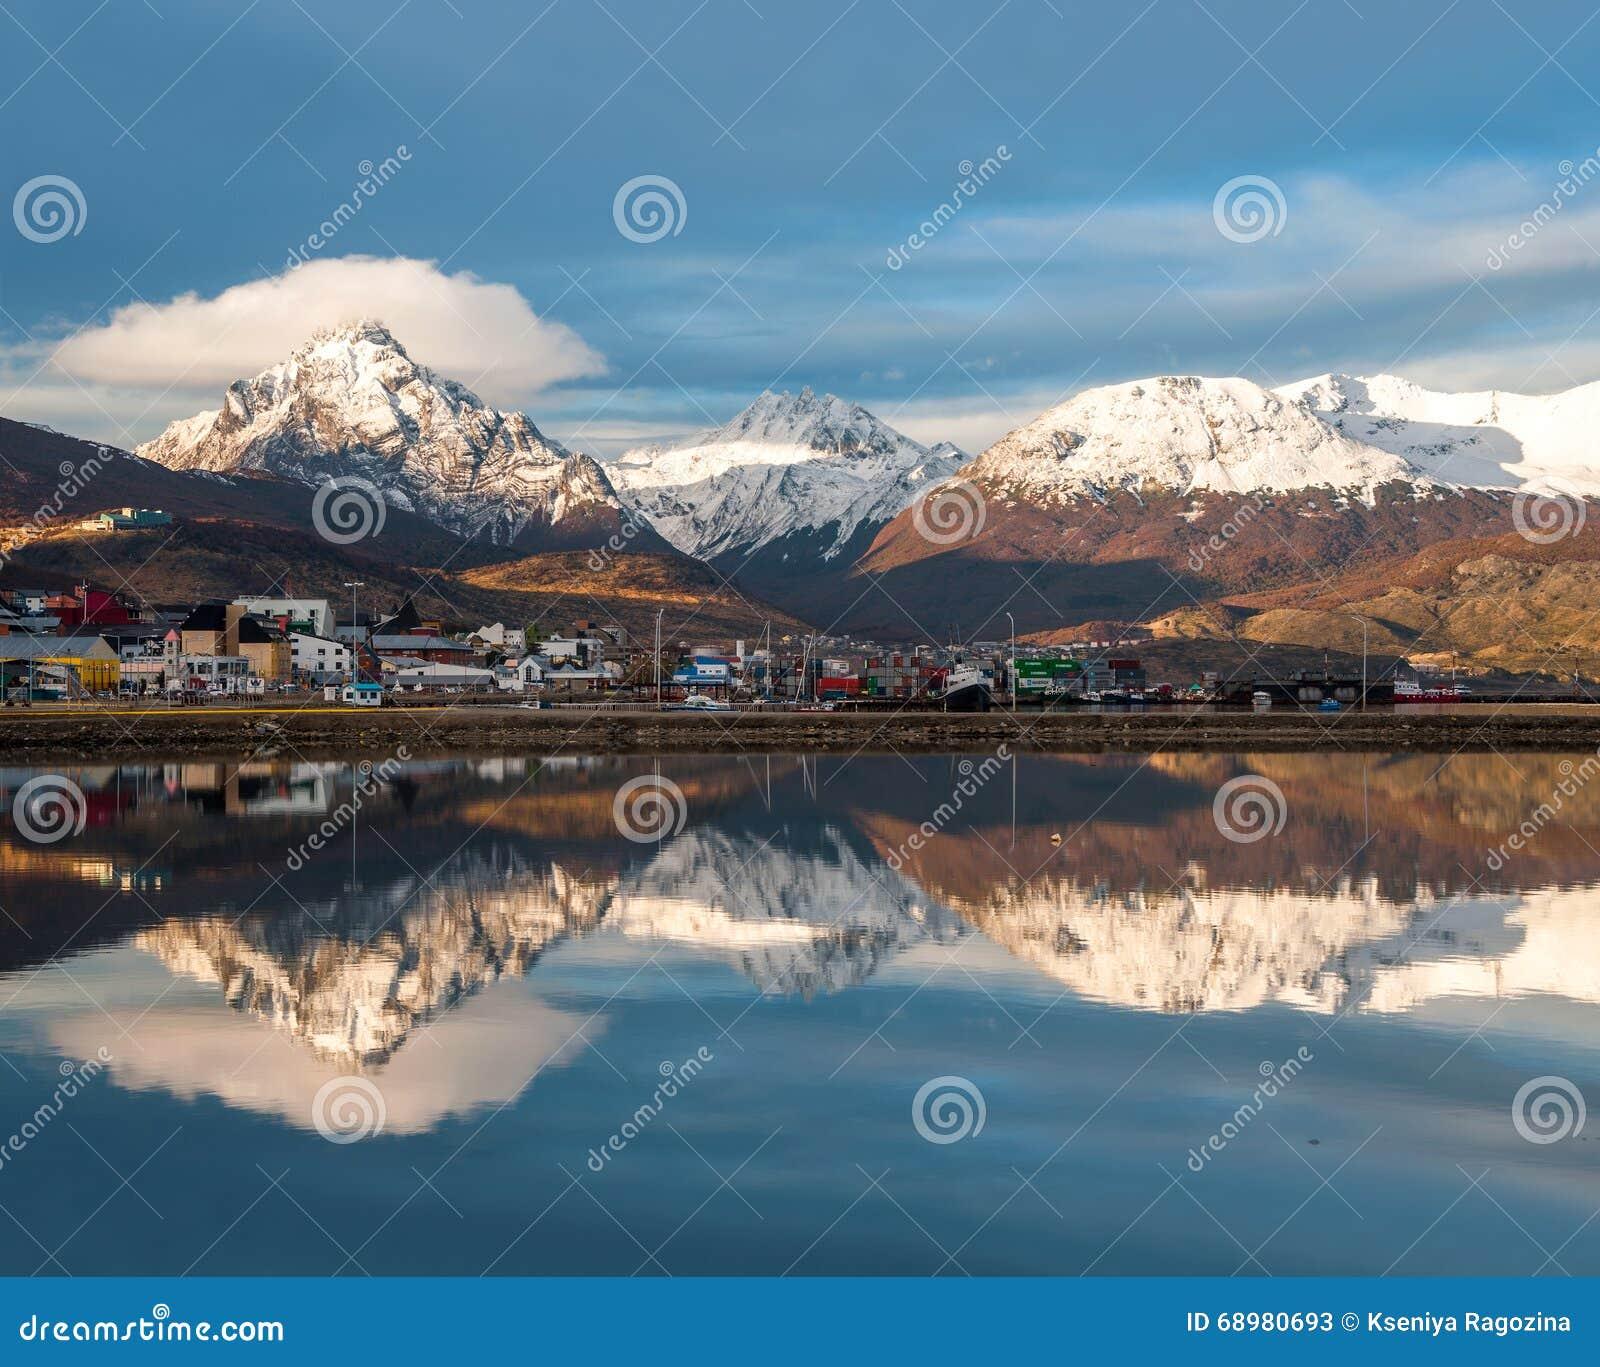 Puerto de Ushuaia, Tierra del Fuego, Patagonia, la Argentina